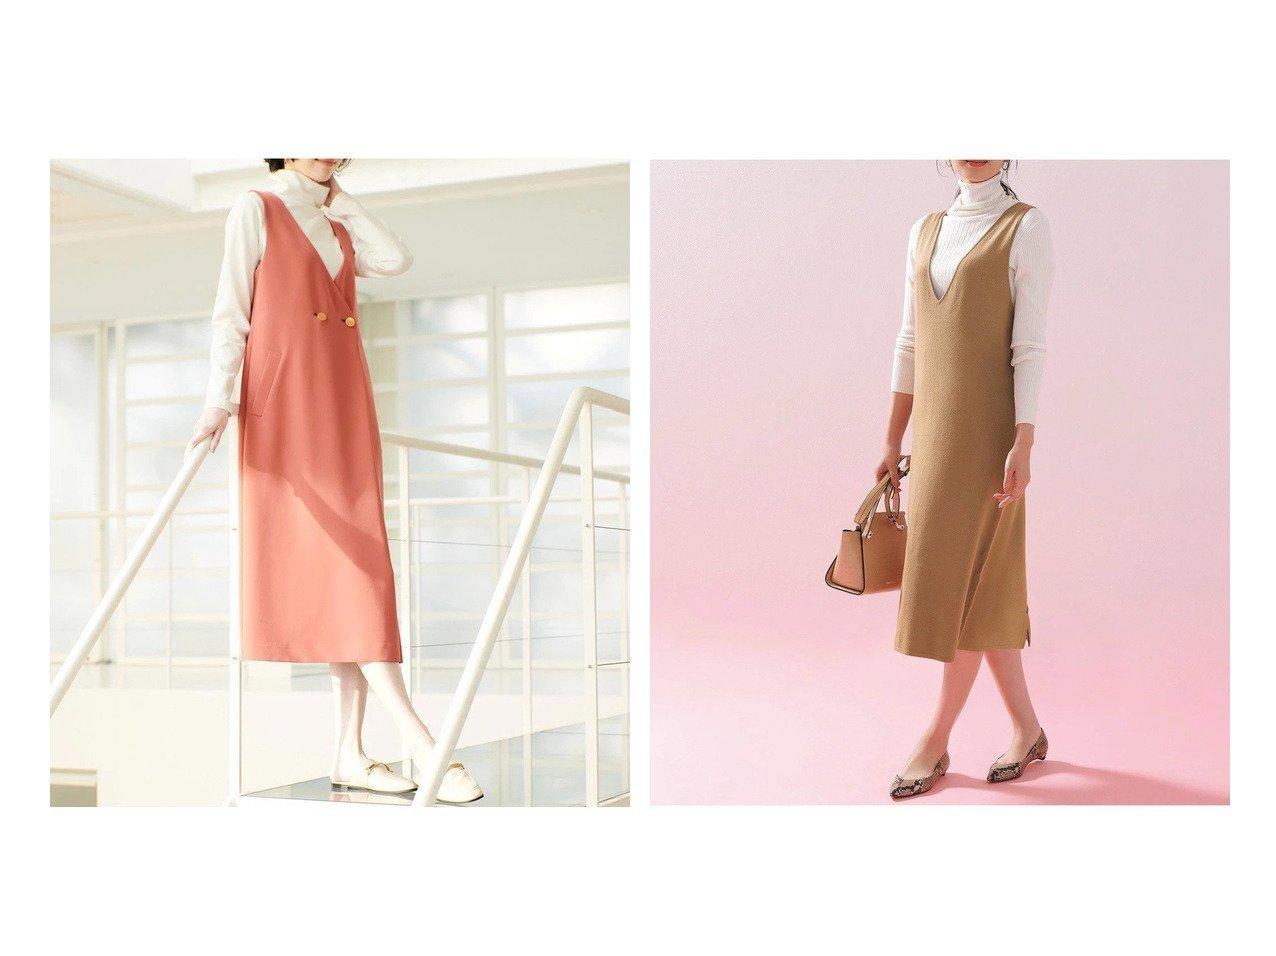 【DoCLASSE/ドゥクラッセ】のダブルクロス・Vネックワンピース&シルクフィール・ニットジャンパースカート 40代、50代の女性におすすめ!人気トレンド・ファッションの通販 おすすめで人気の流行・トレンド、ファッションの通販商品 メンズファッション・キッズファッション・インテリア・家具・レディースファッション・服の通販 founy(ファニー) https://founy.com/ ファッション Fashion レディースファッション WOMEN ワンピース Dress スカート Skirt インナー ダブル ドレープ ロング なめらか 人気 |ID:crp329100000028111